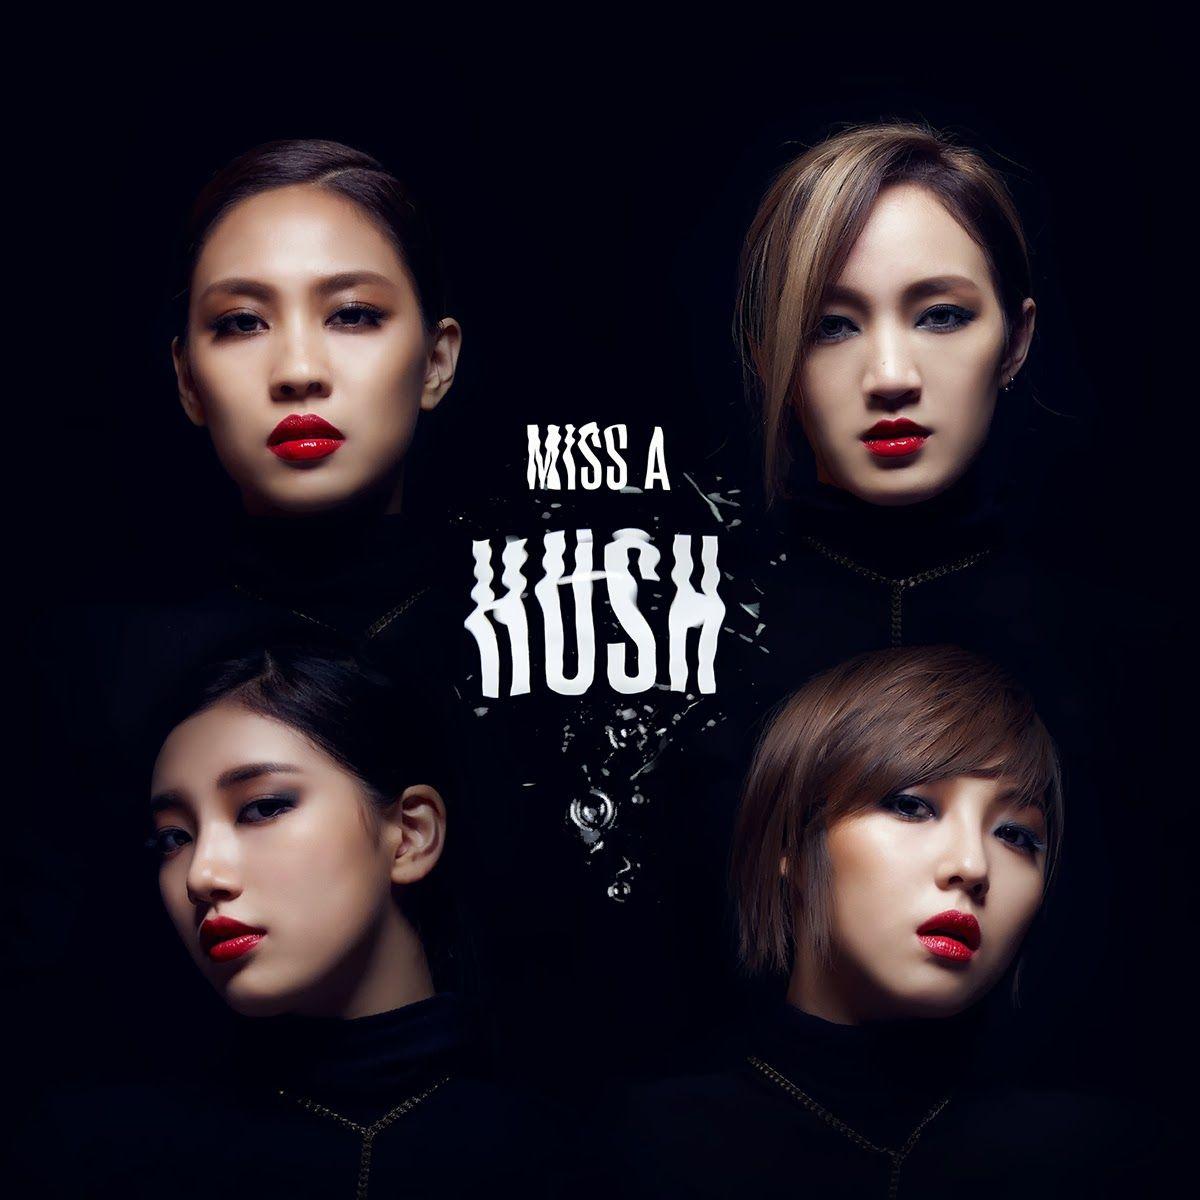 miss A - Hush  https://www.youtube.com/watch?v=dp0F18FFCTE